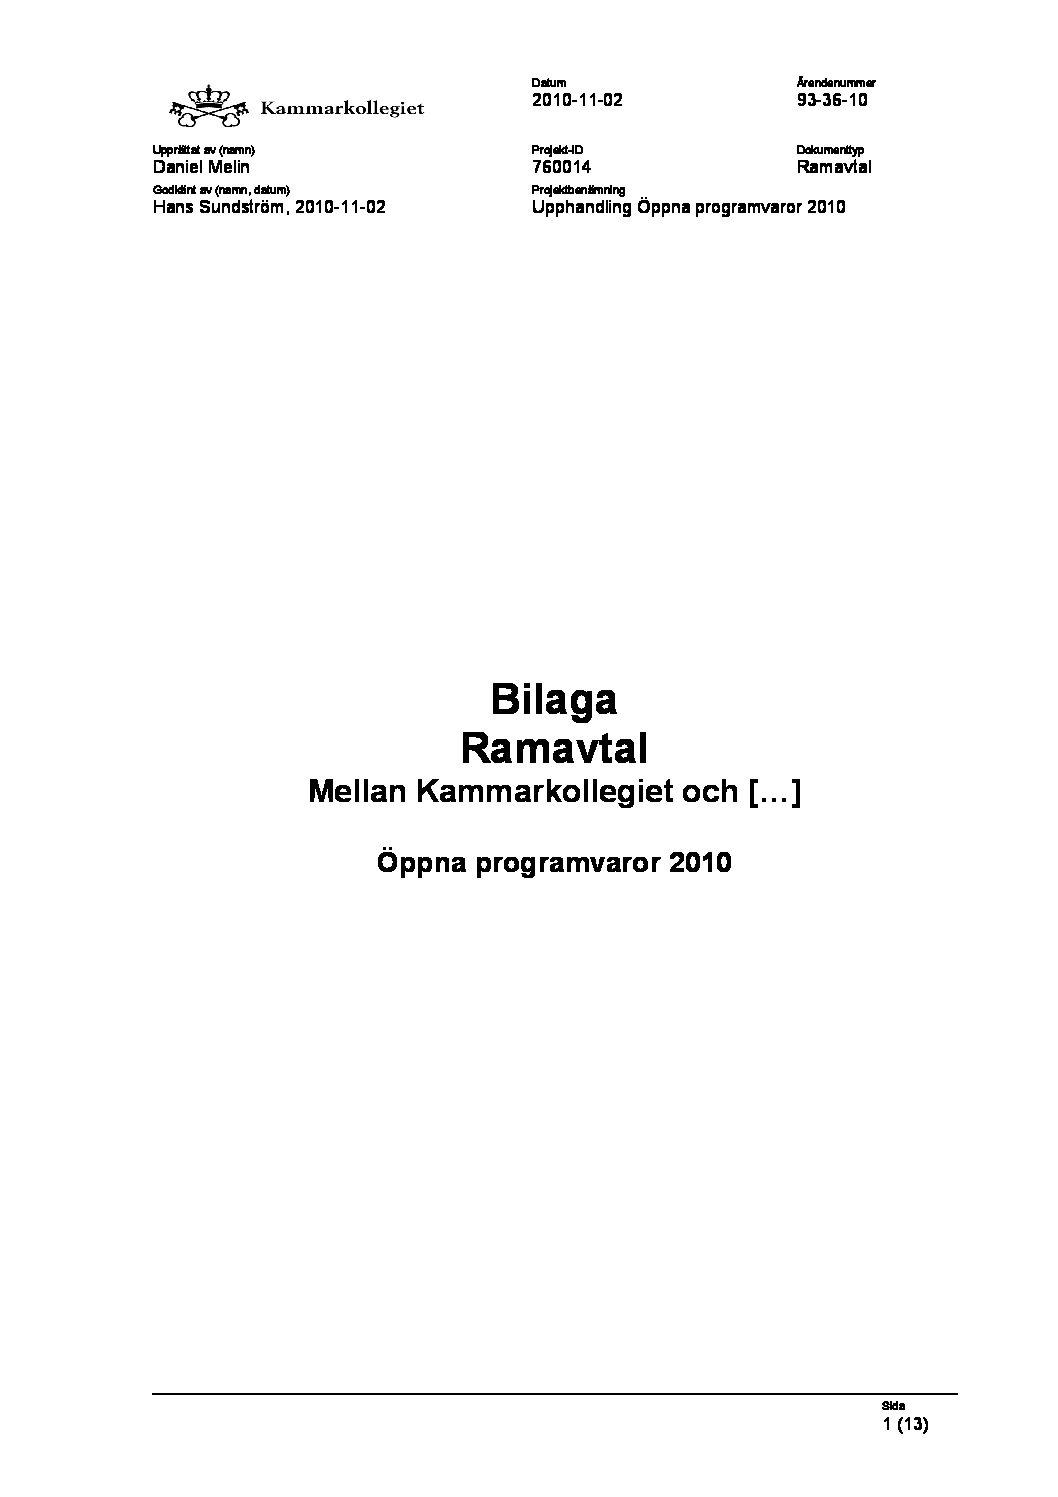 Bilaga Ramavtal